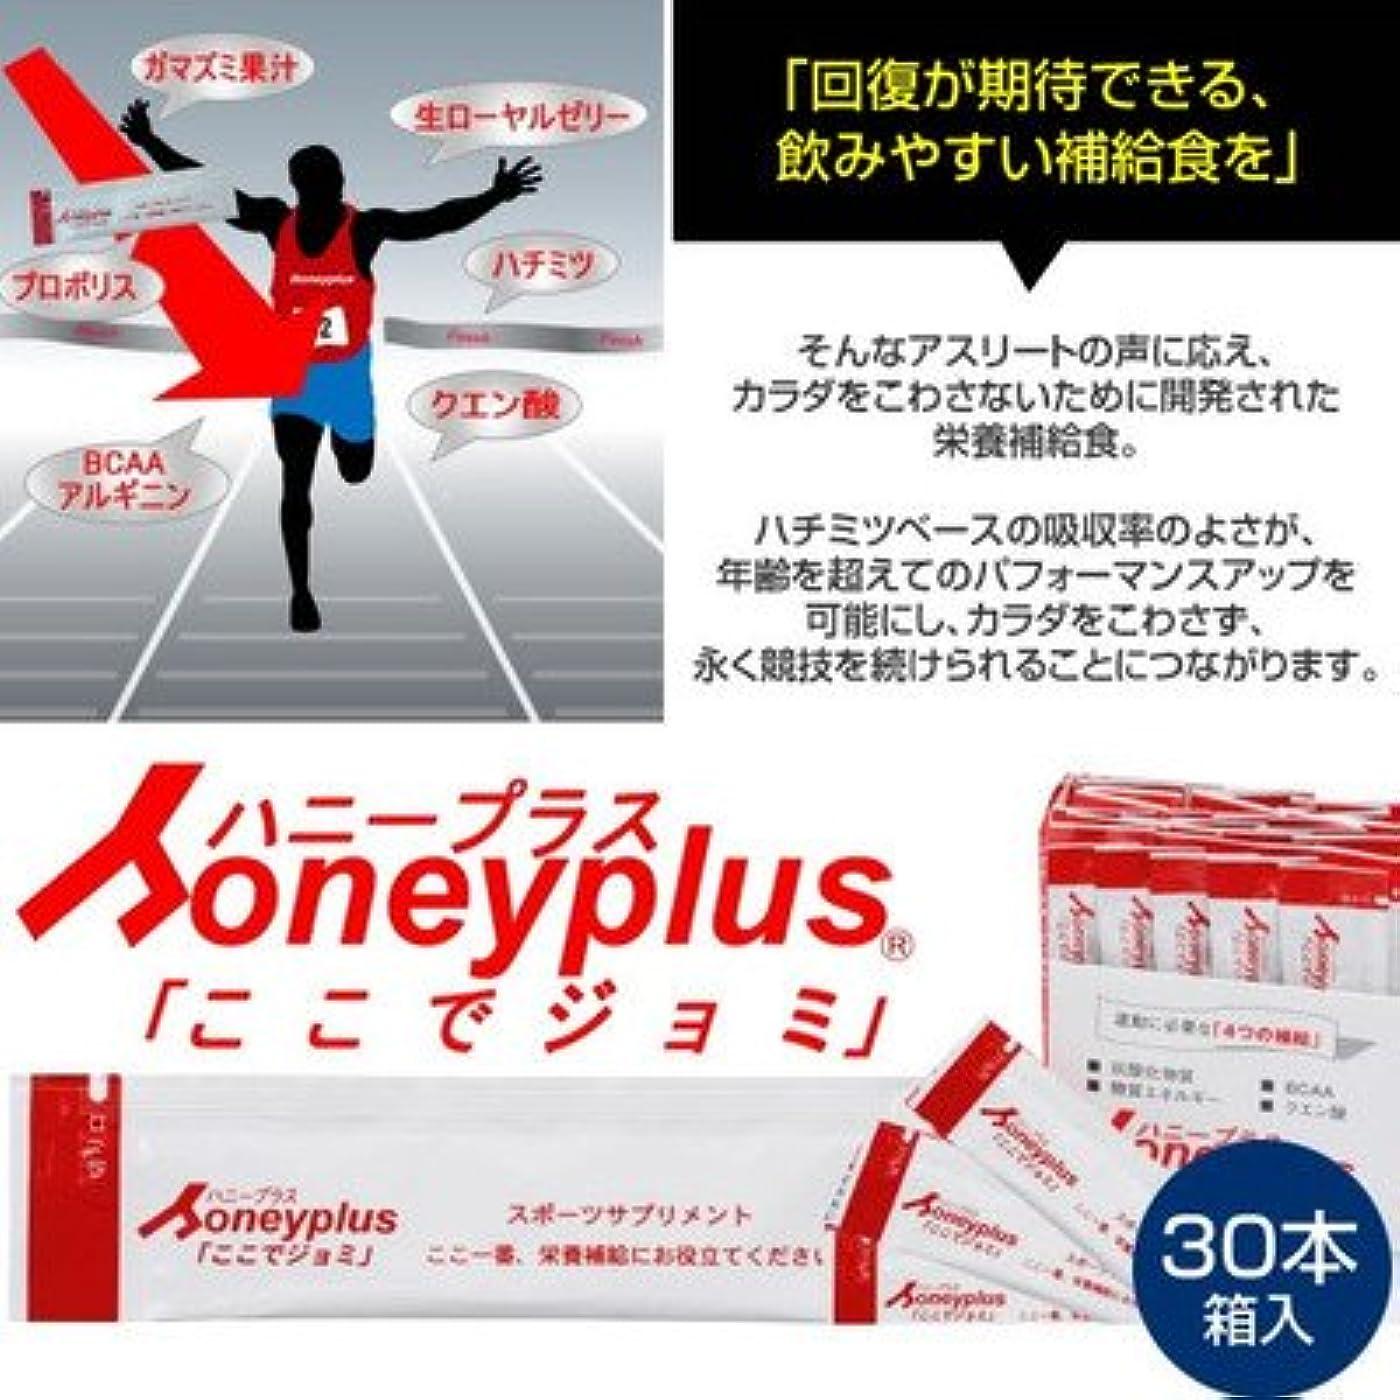 迫害する邪魔する製油所Honeyplus「ここでジョミ」30本入/箱 運動時に摂るスポーツサプリメント